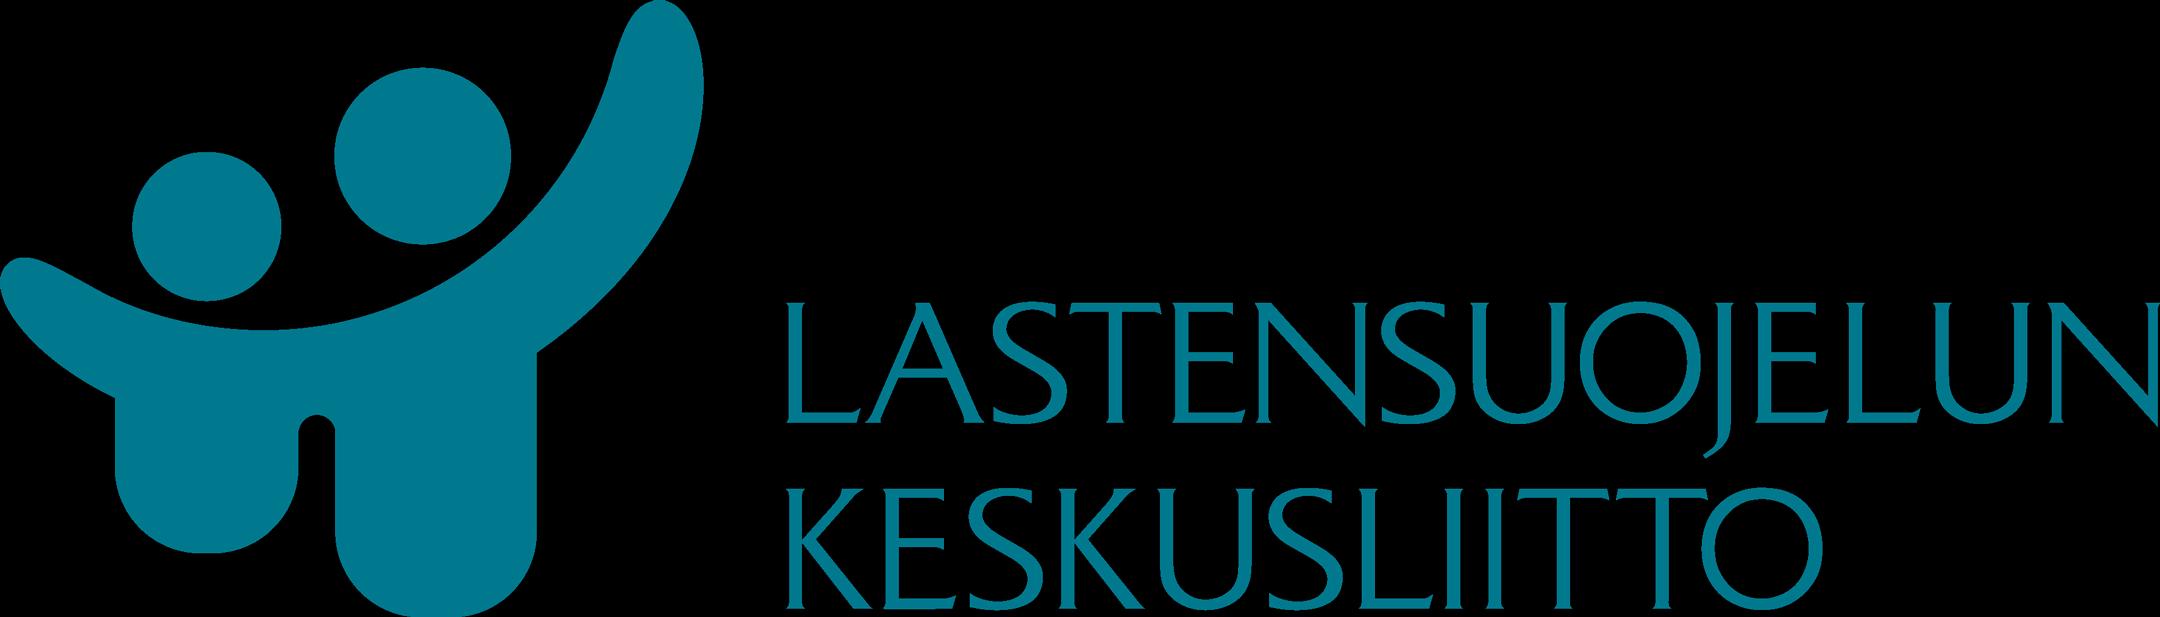 Lastensuojelun Keskusliiton logo